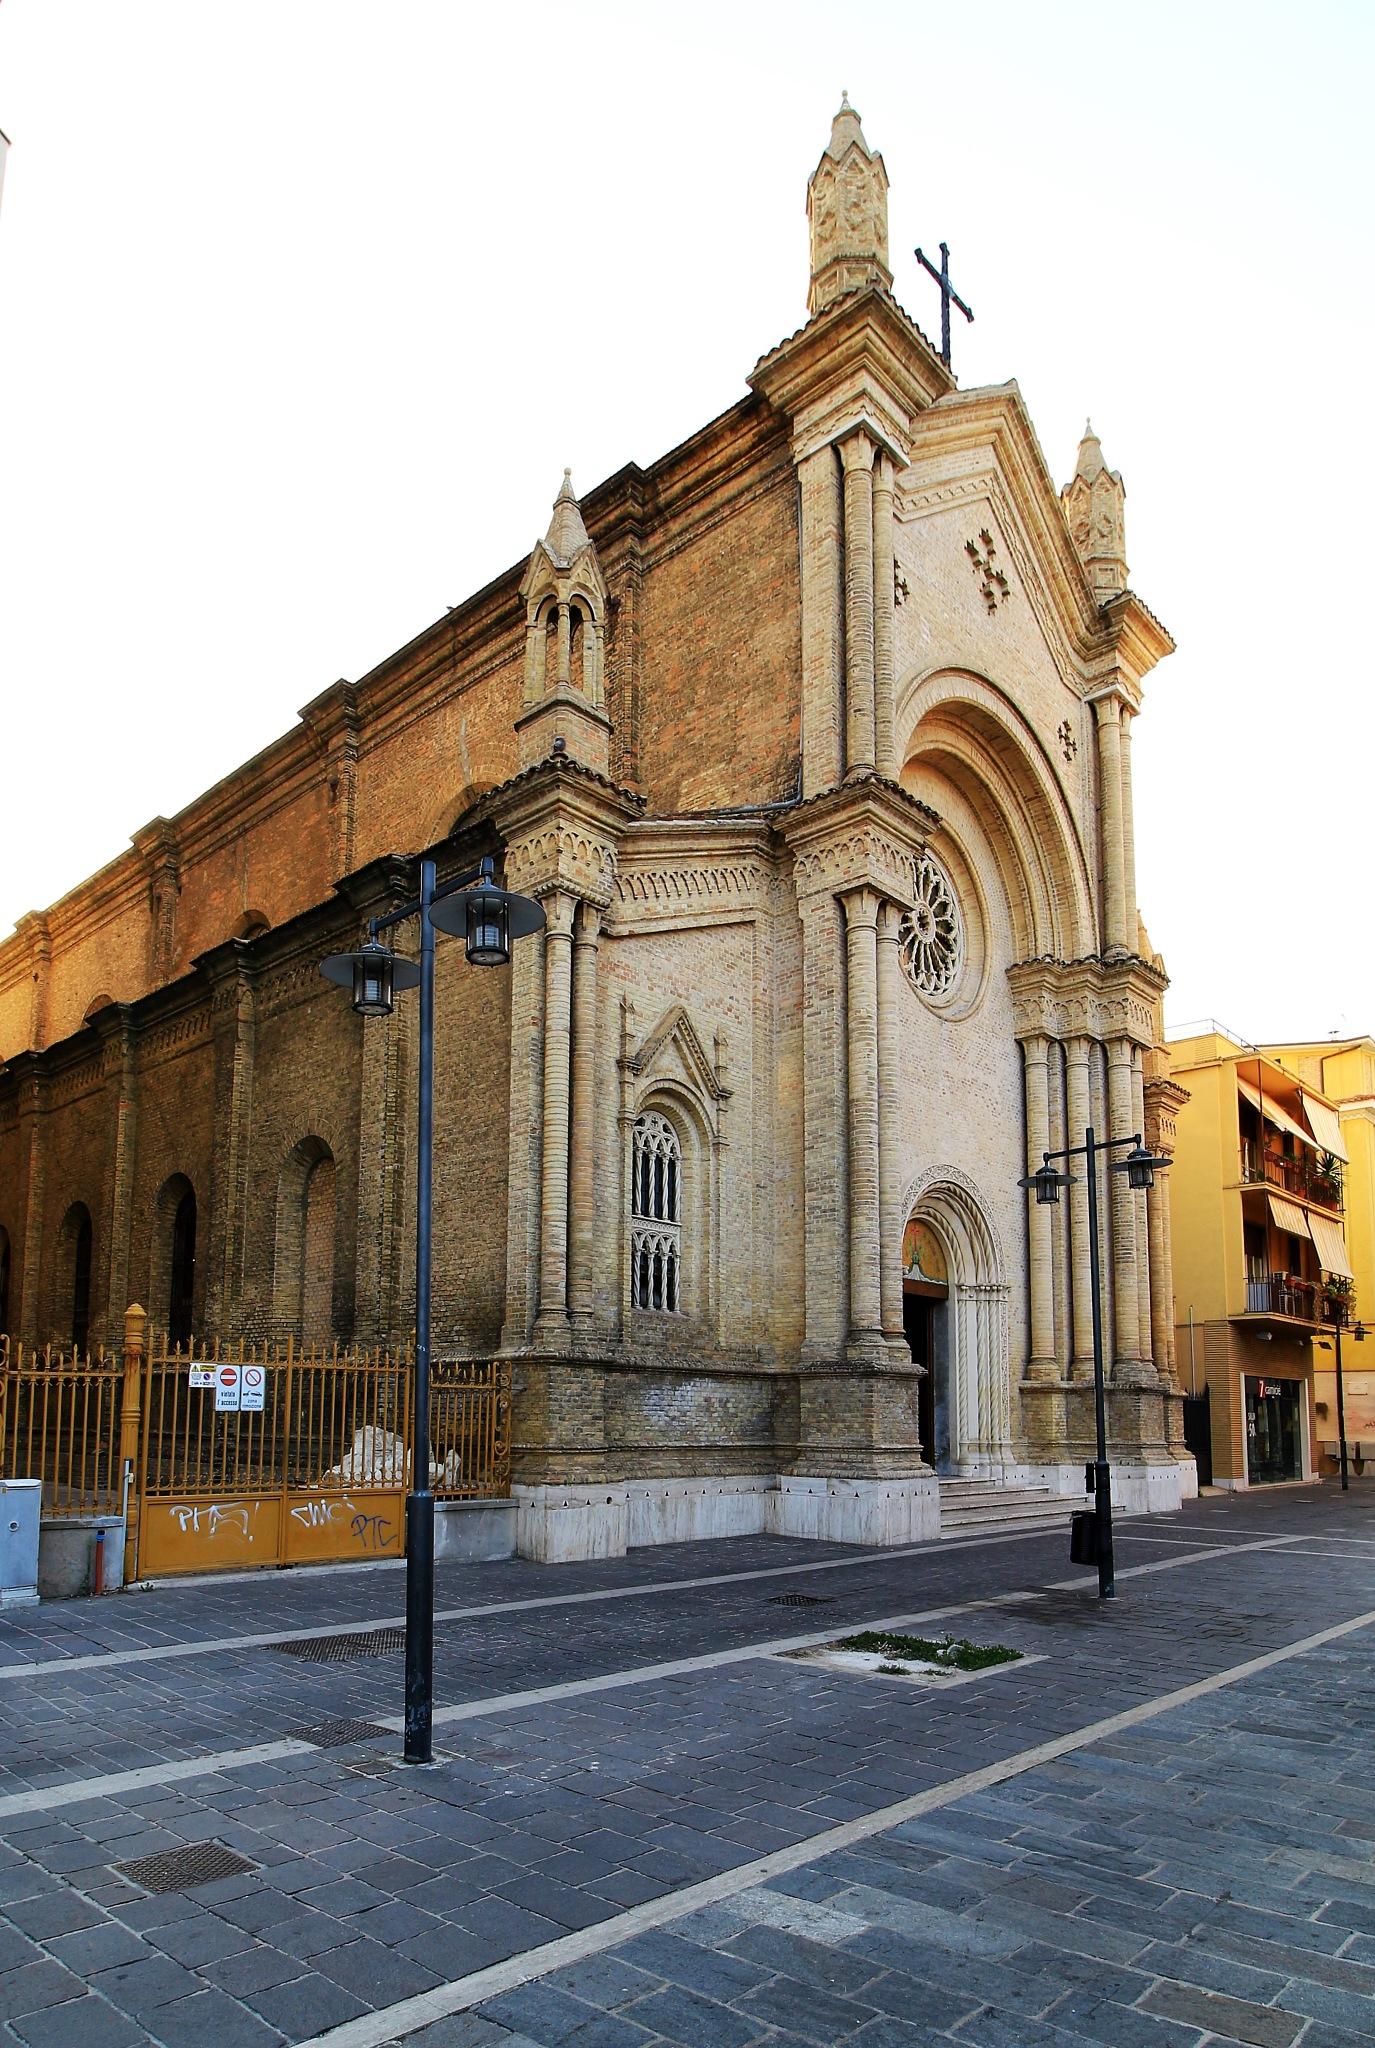 PESCARA chiesa del sacro cuore by mauronepa